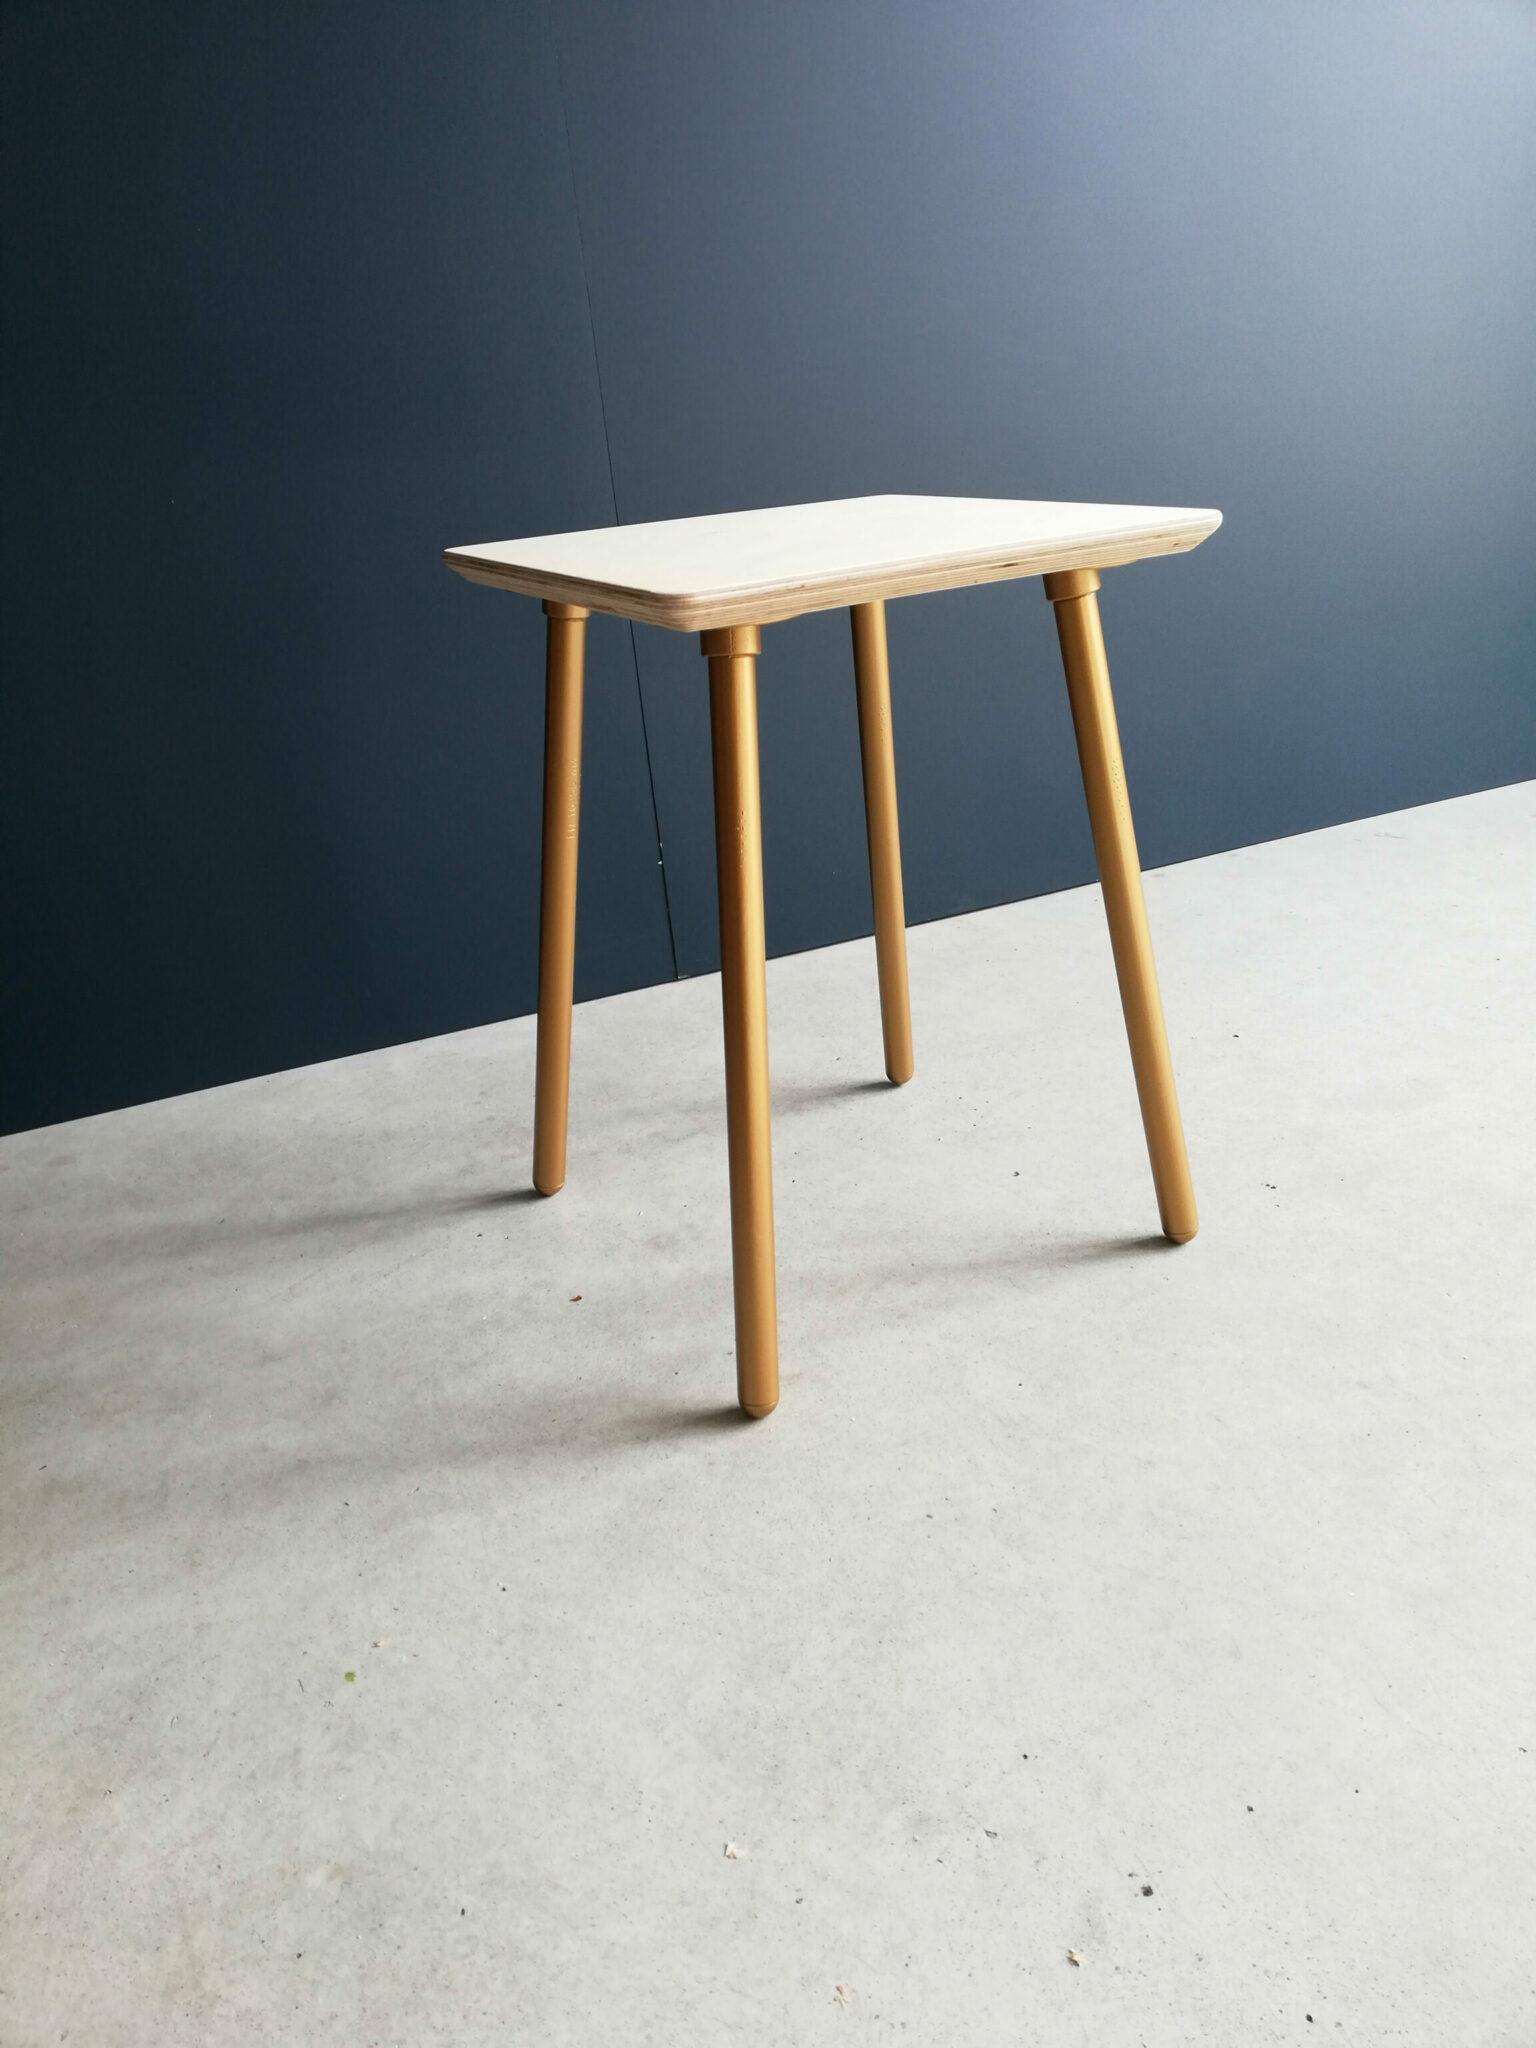 Table de nuit industriel avec bride angle scandinave couleur doré